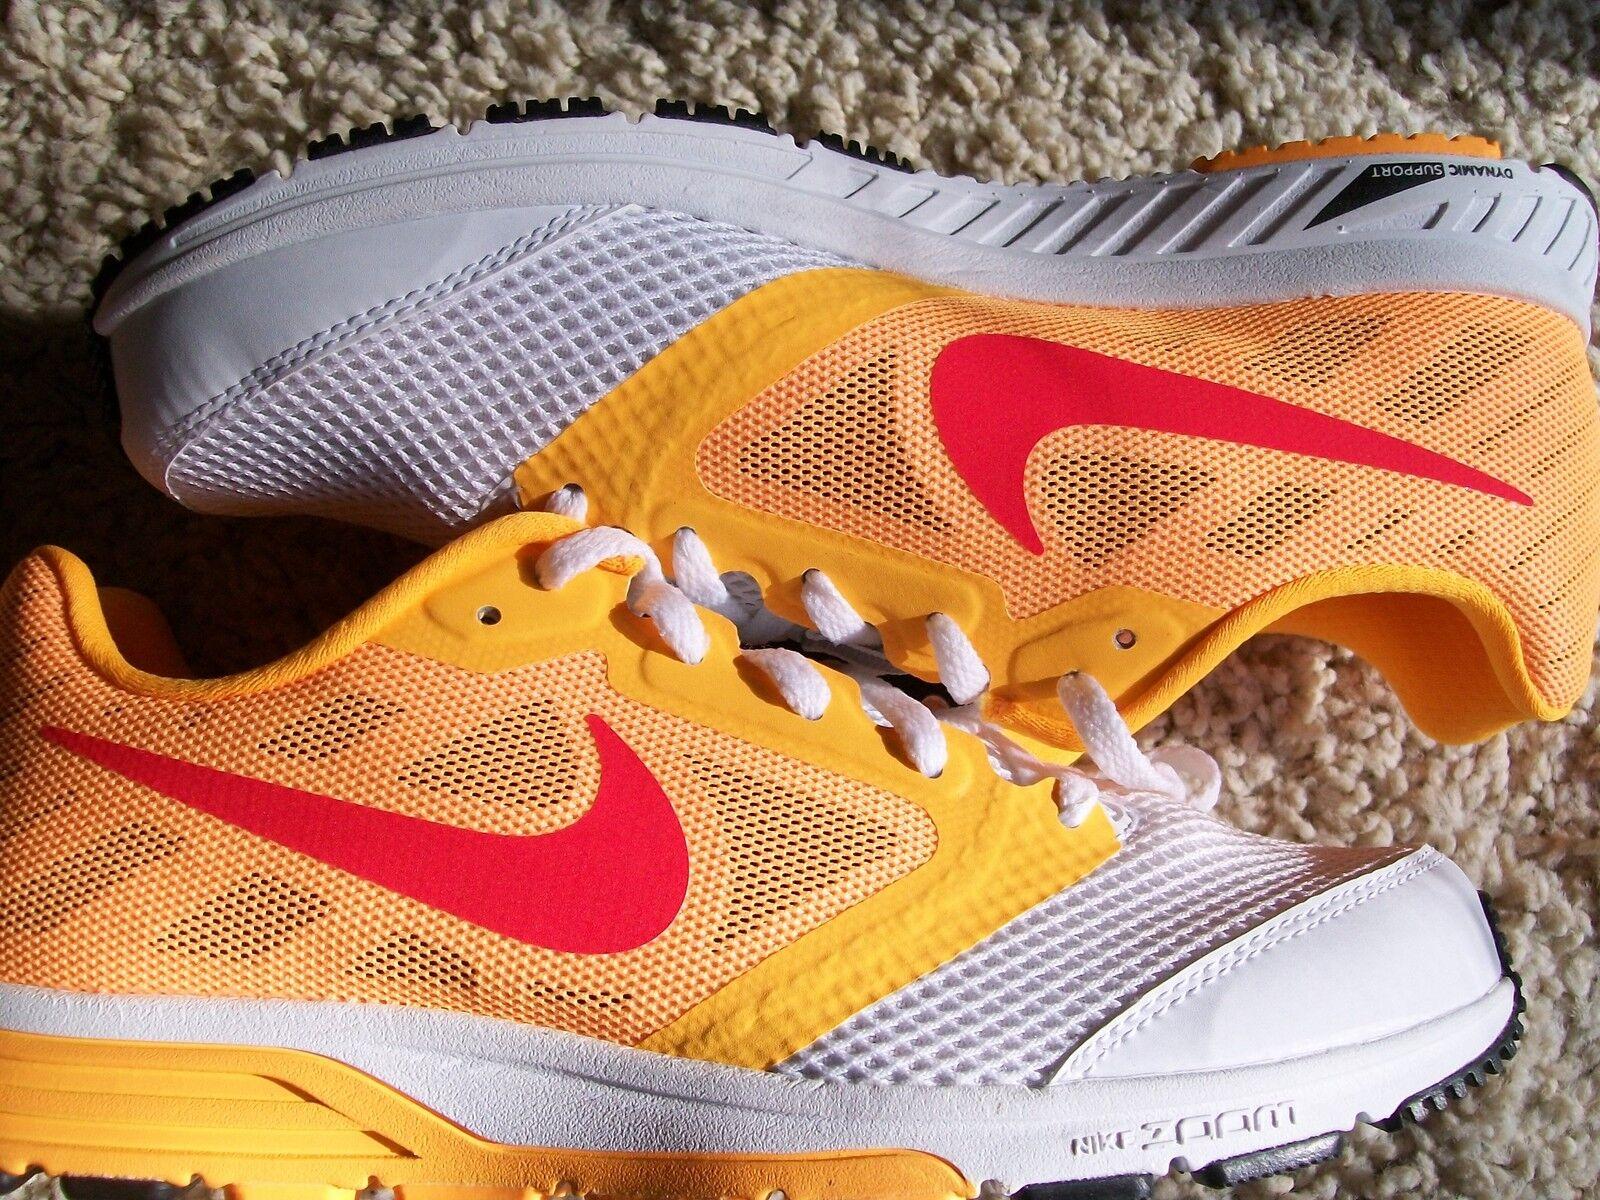 damen Nike Trainers Zoom Fly UK Größe 4.5 in Peach NEW in Box